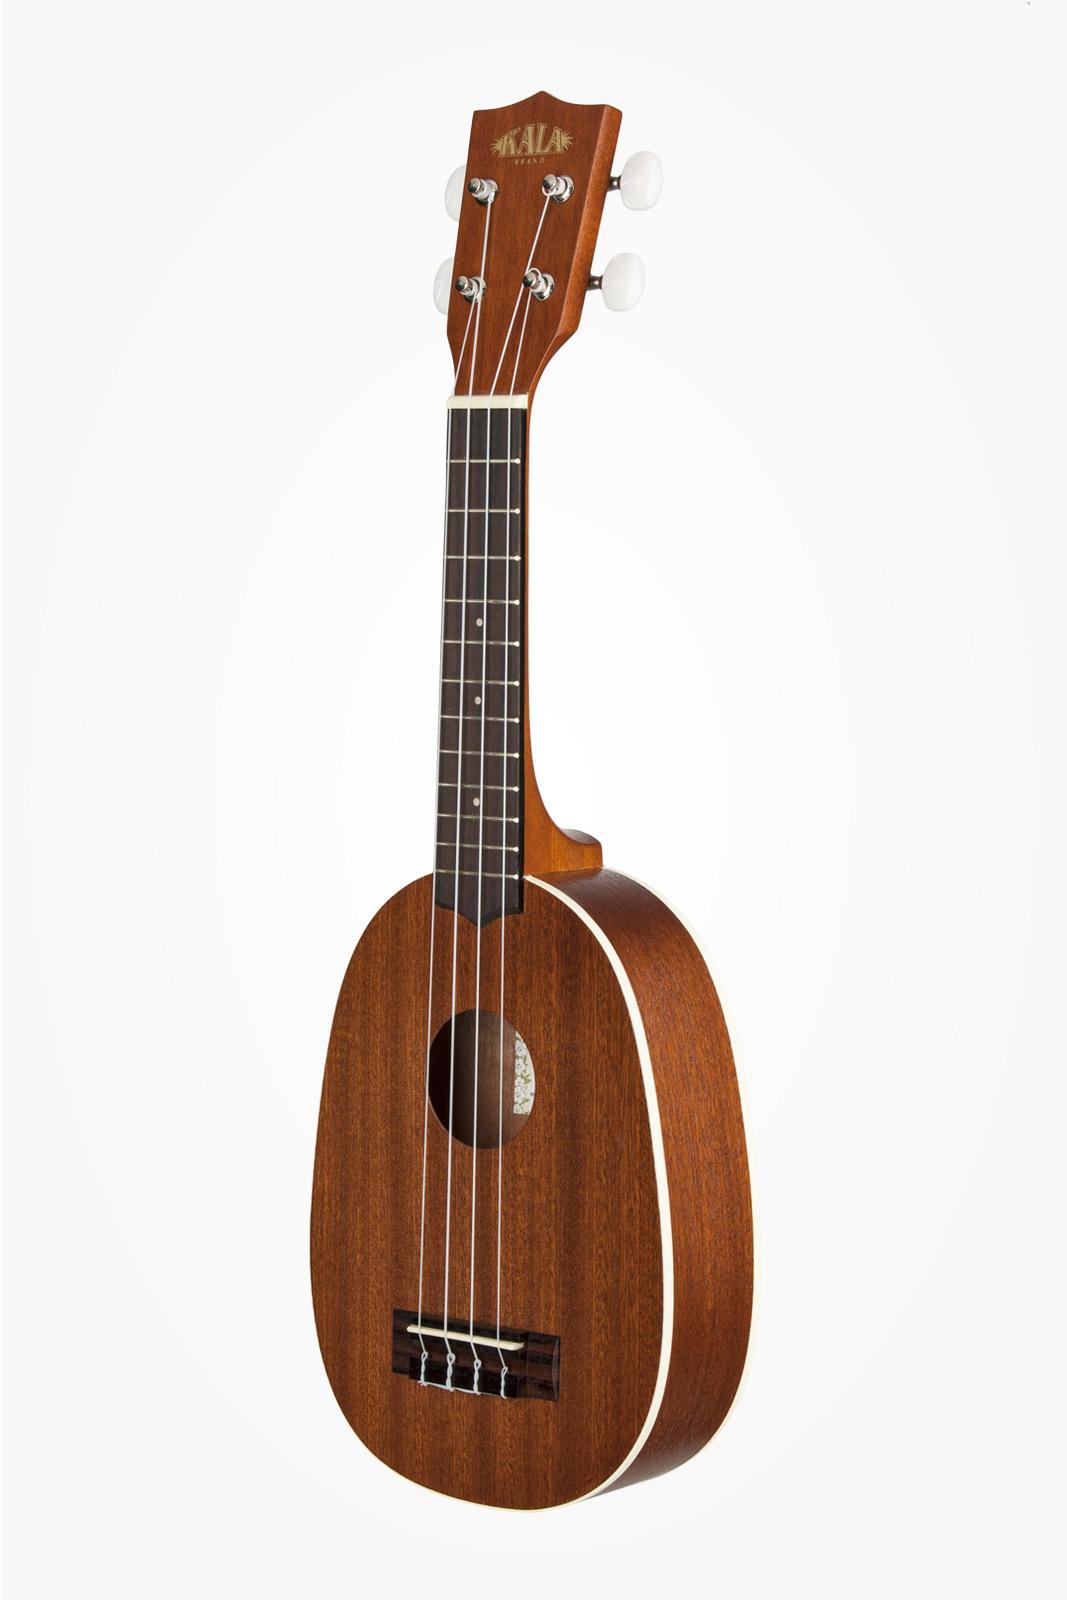 Kala Mahogany Ply Soprano Pineapple Ukulele